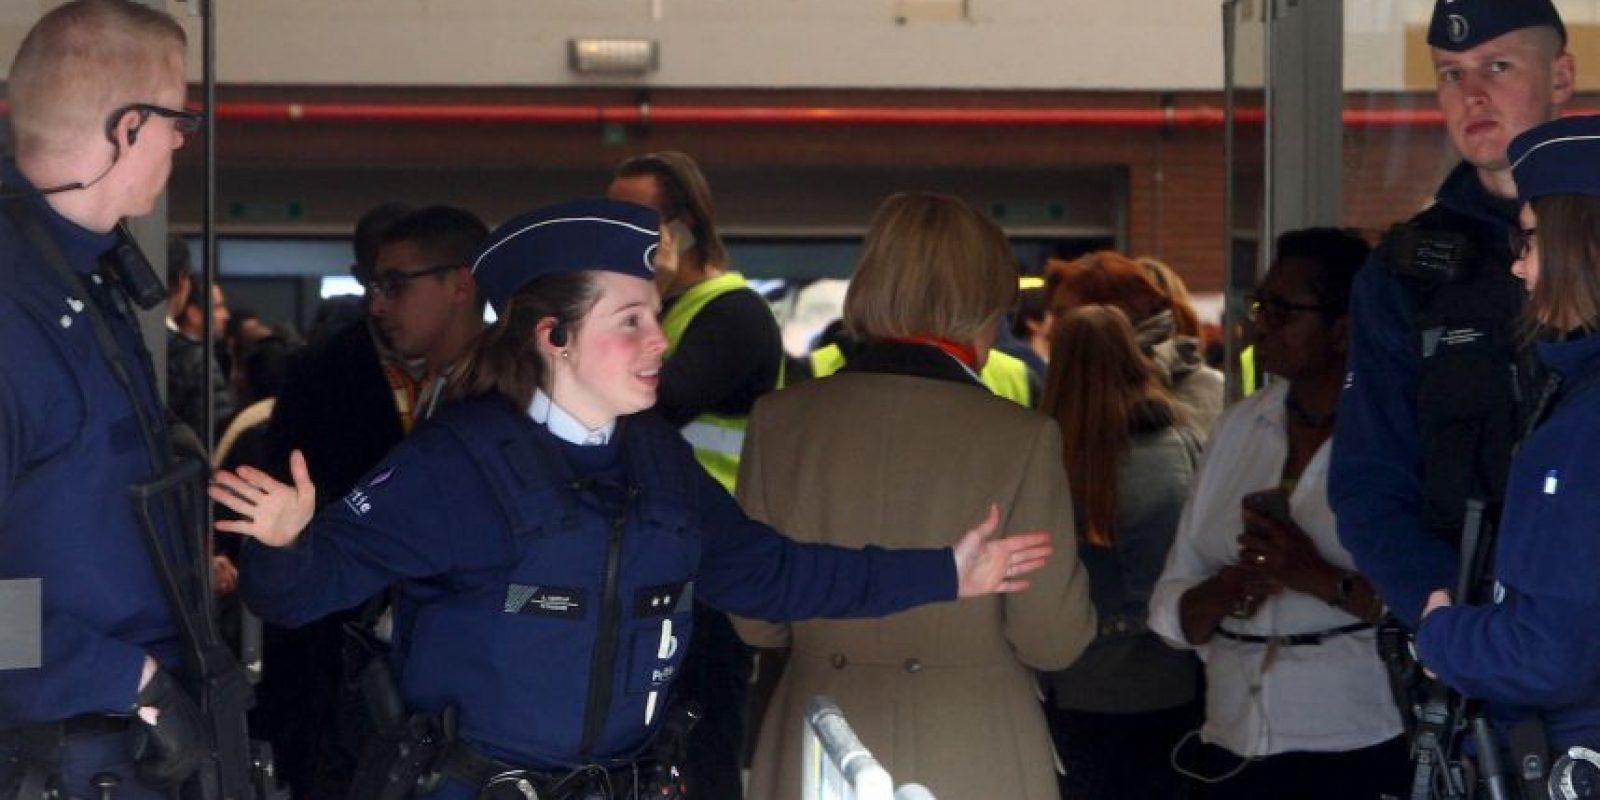 Las autoridades belgas han pedido a todos los ciudadanos que permanezcan en sus hogares. Foto:AP